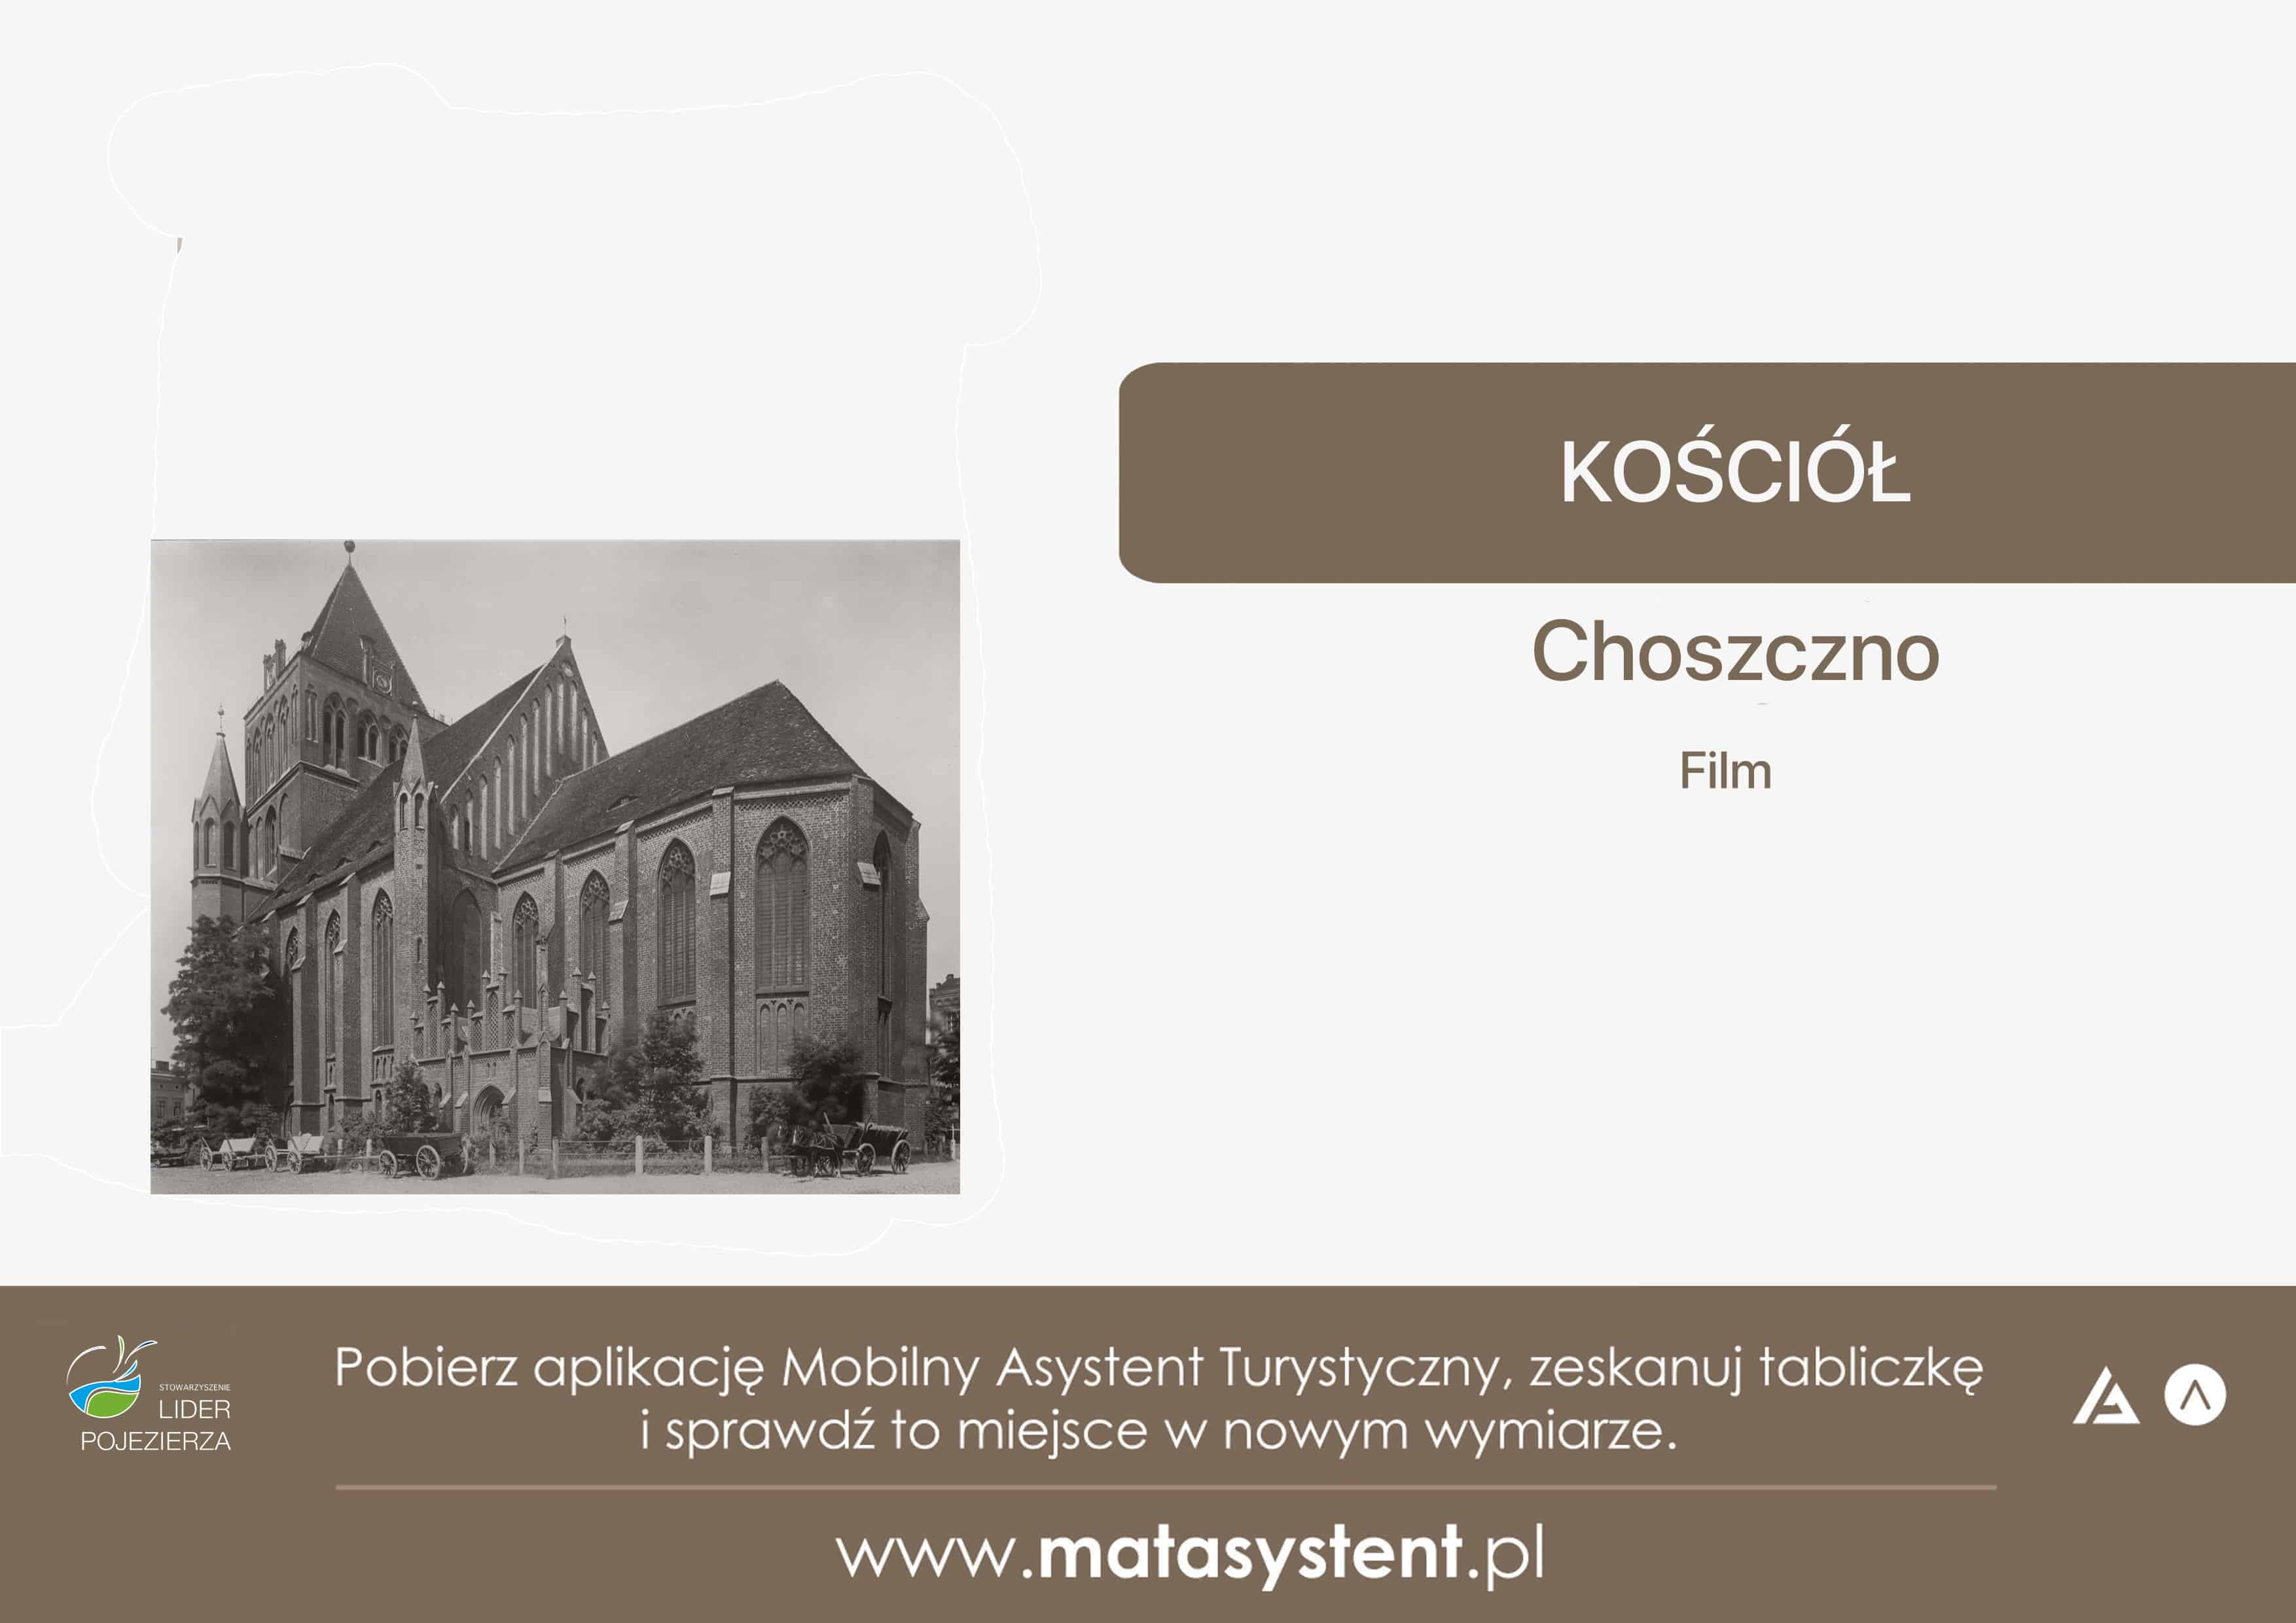 Kościół w Choszcznie